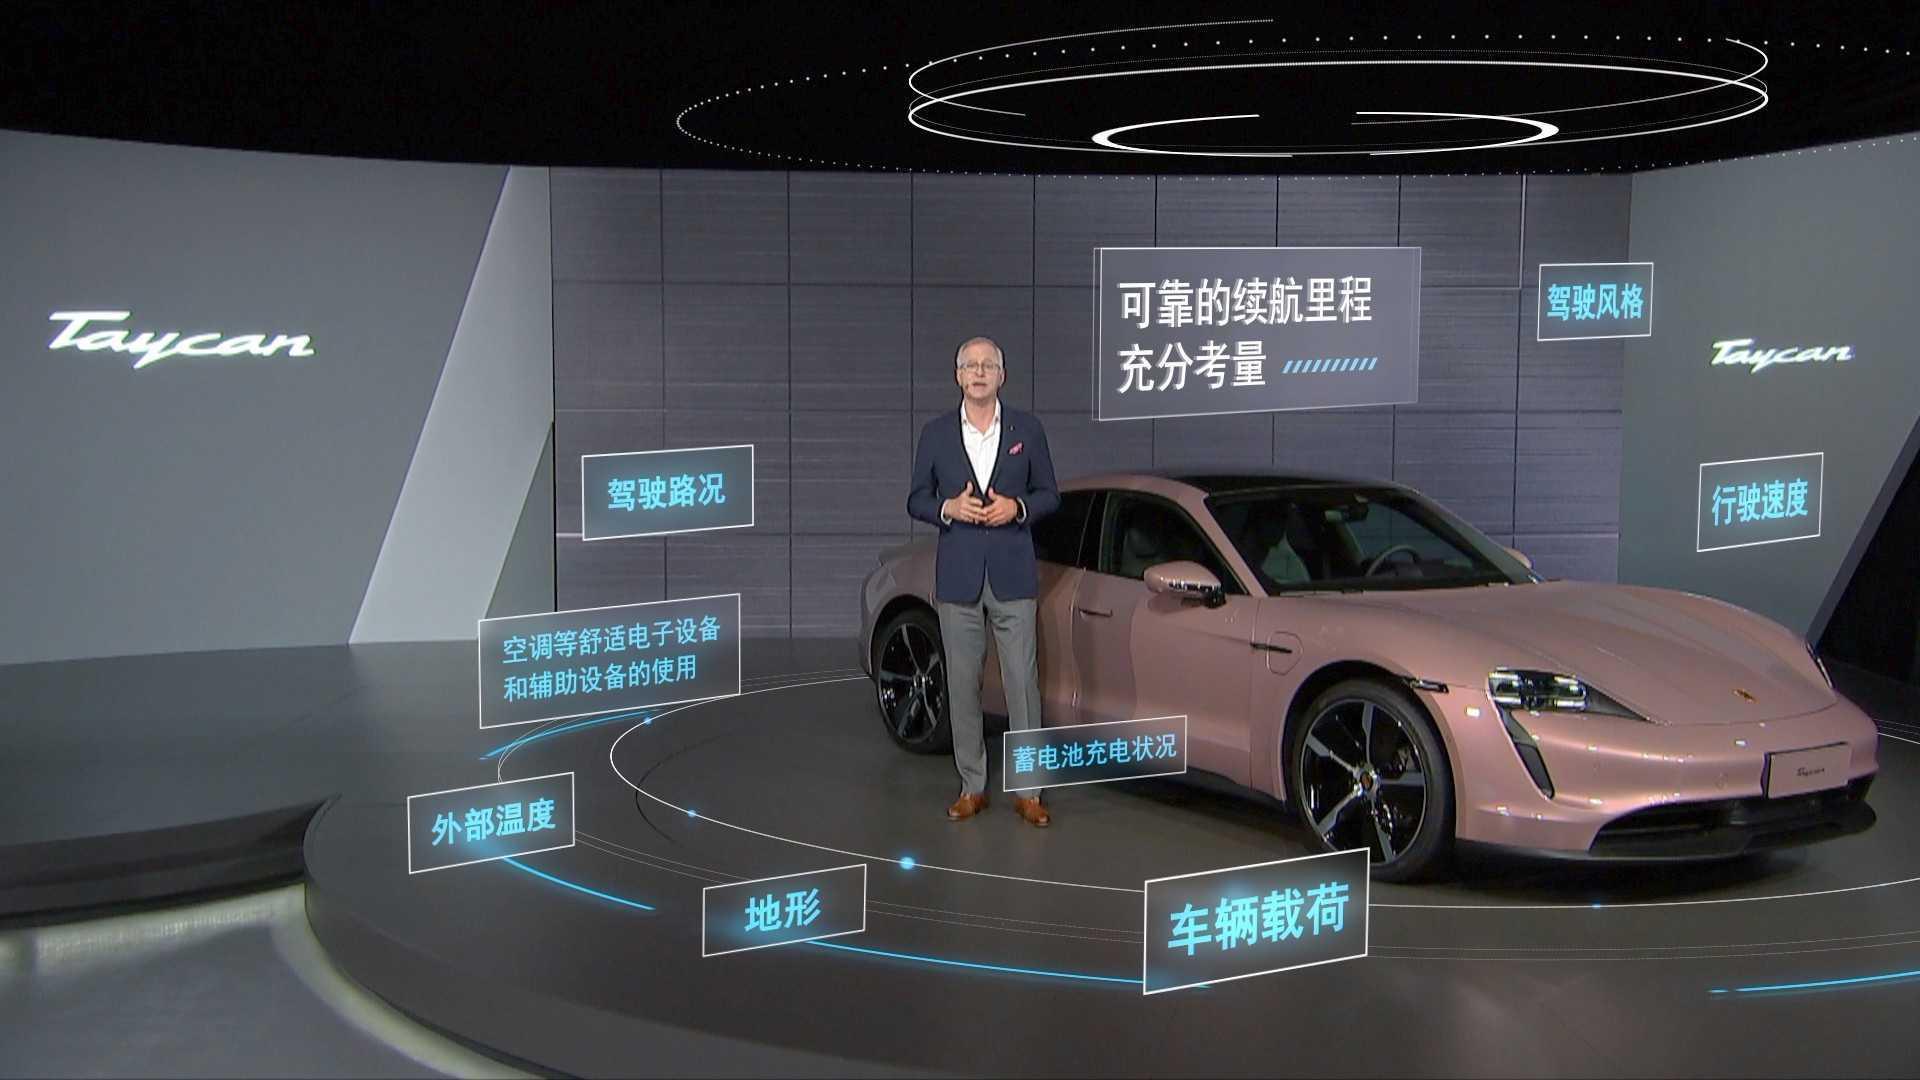 """保时捷短期不会在中国开设工厂,用户依旧喜欢""""德国造"""""""